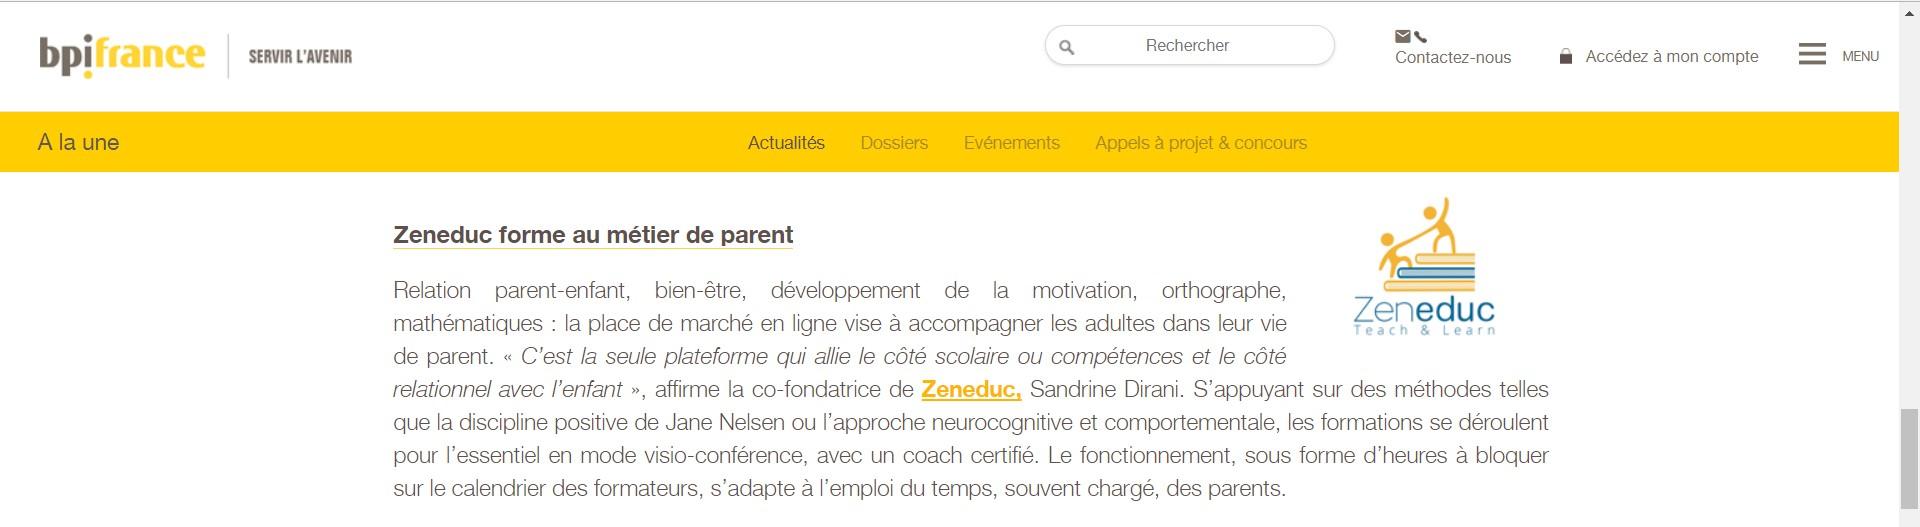 Zeneduc : l'une des start-up françaises qui dessinent l'éducation du futur pour la BPI